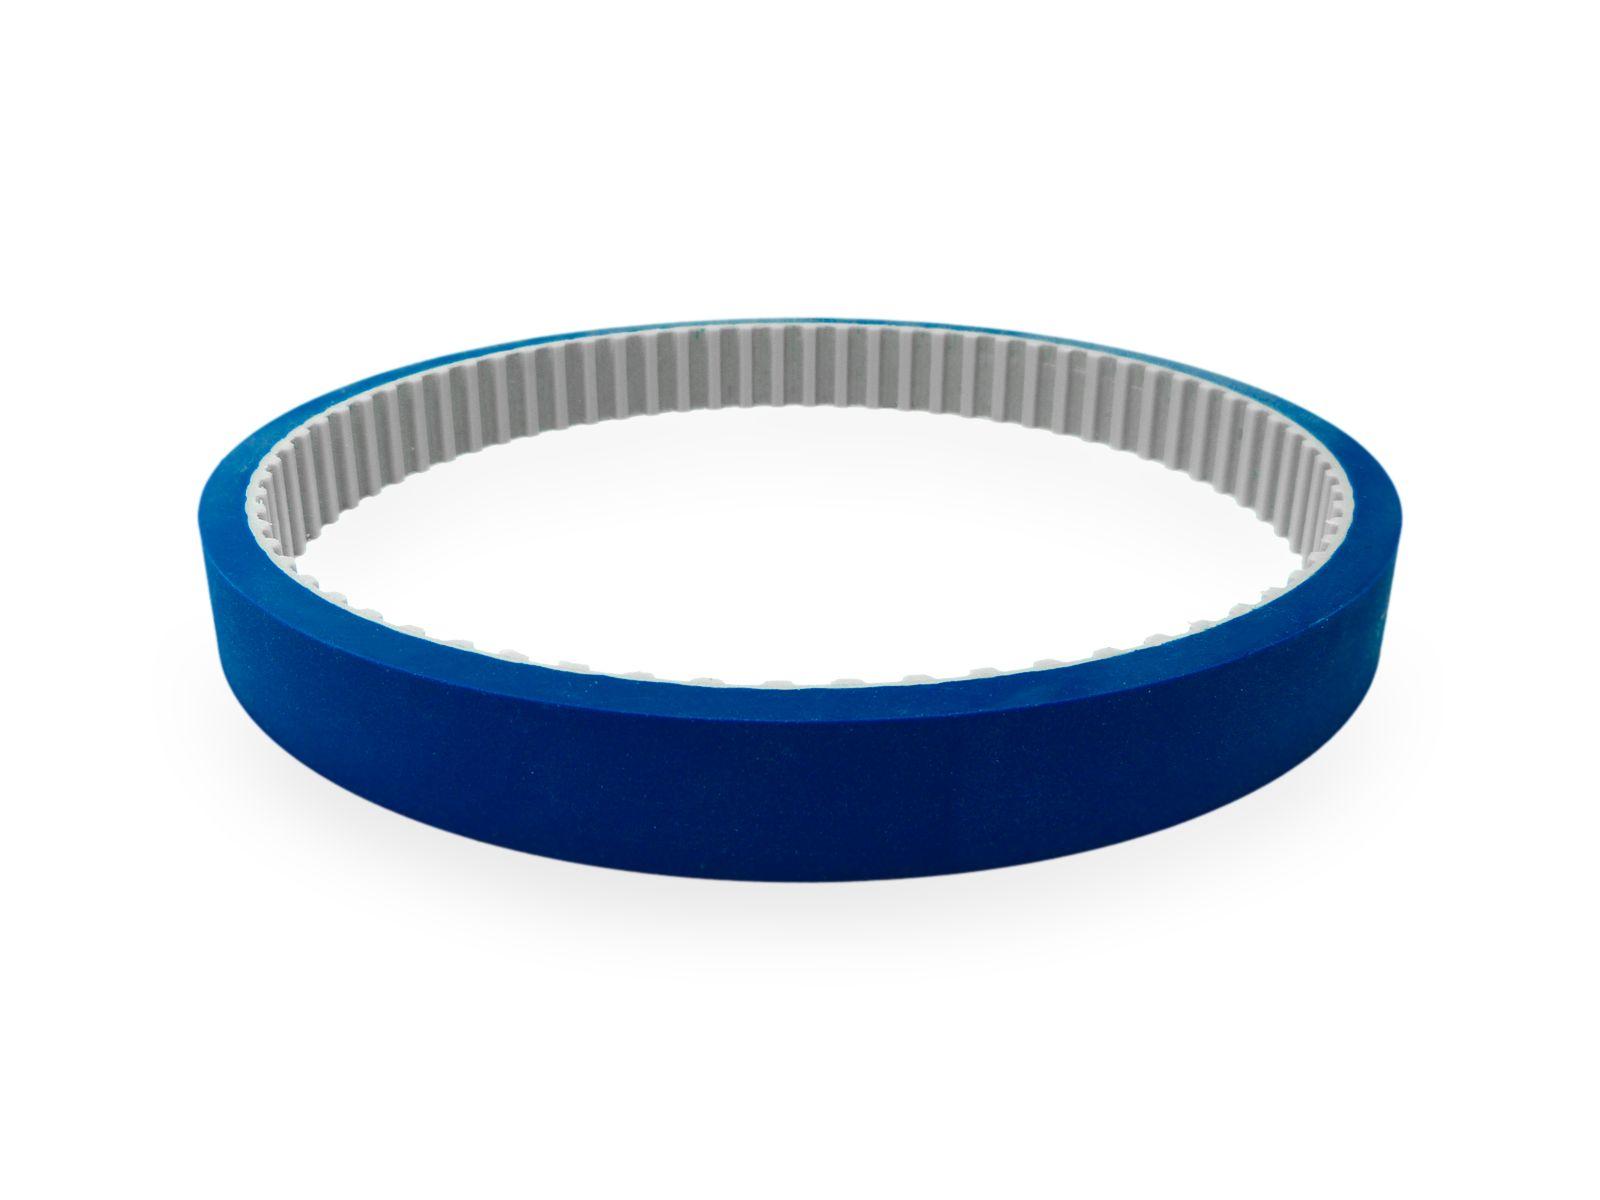 Il silicone può essere applicato su cinghie con diversi passi T, AT, L, XL e H